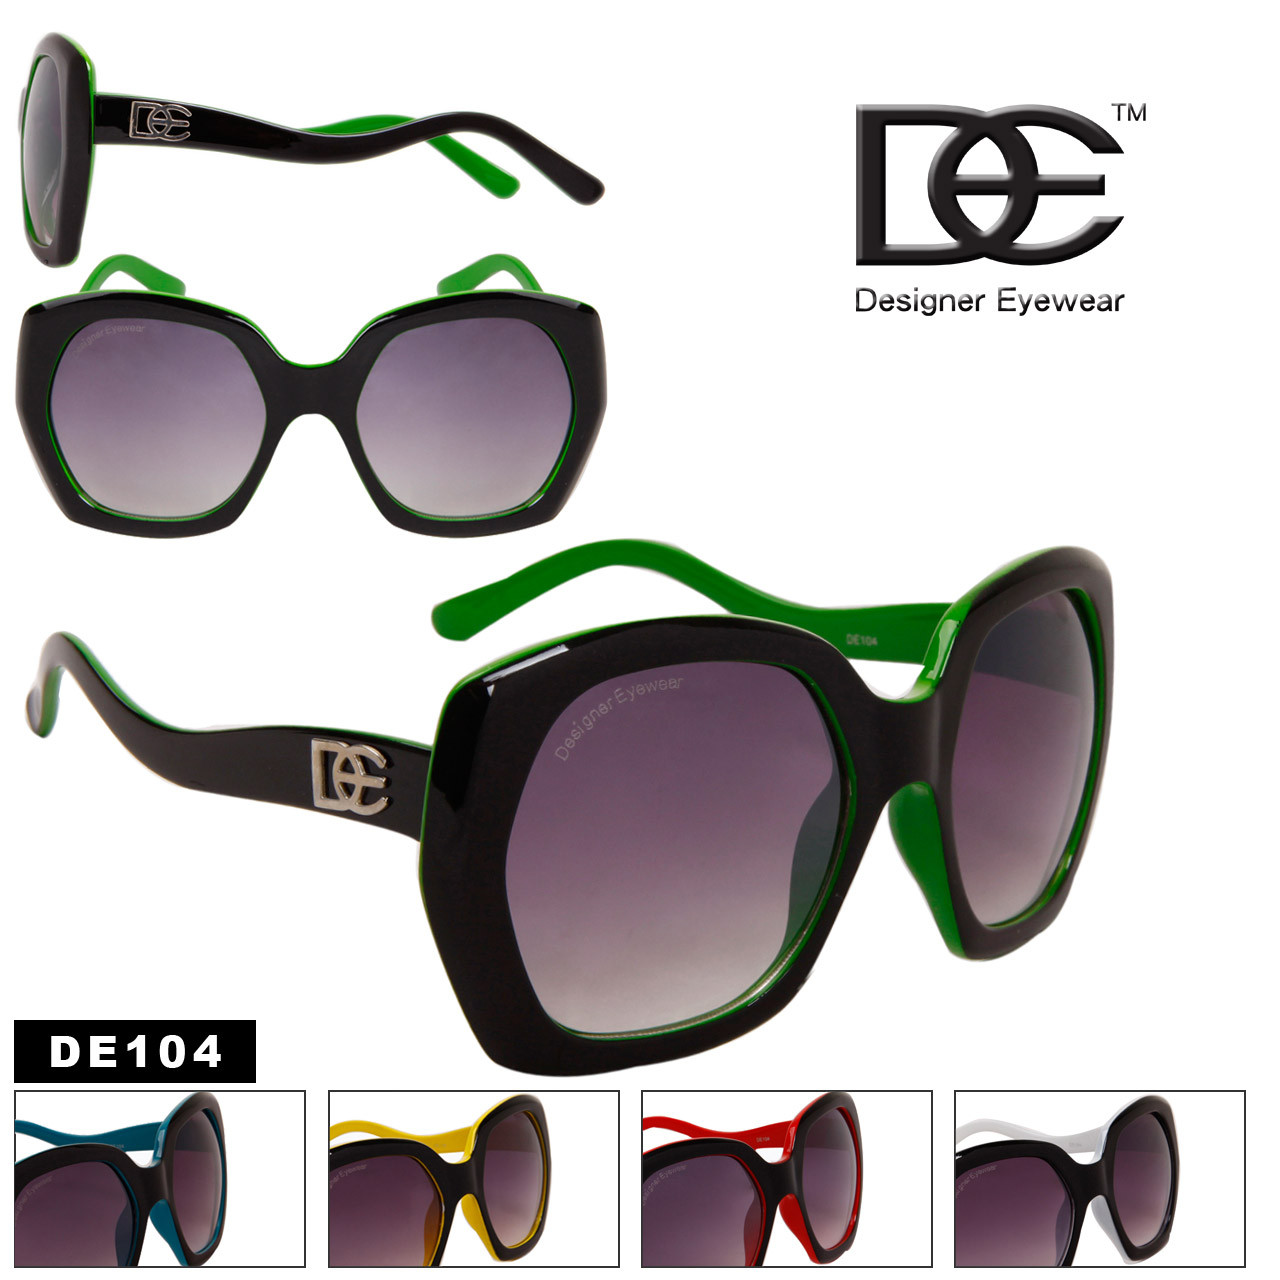 Bulk Women's Vintage Sunglasses - Style #DE104 (Assorted Colors) (12 pcs.)